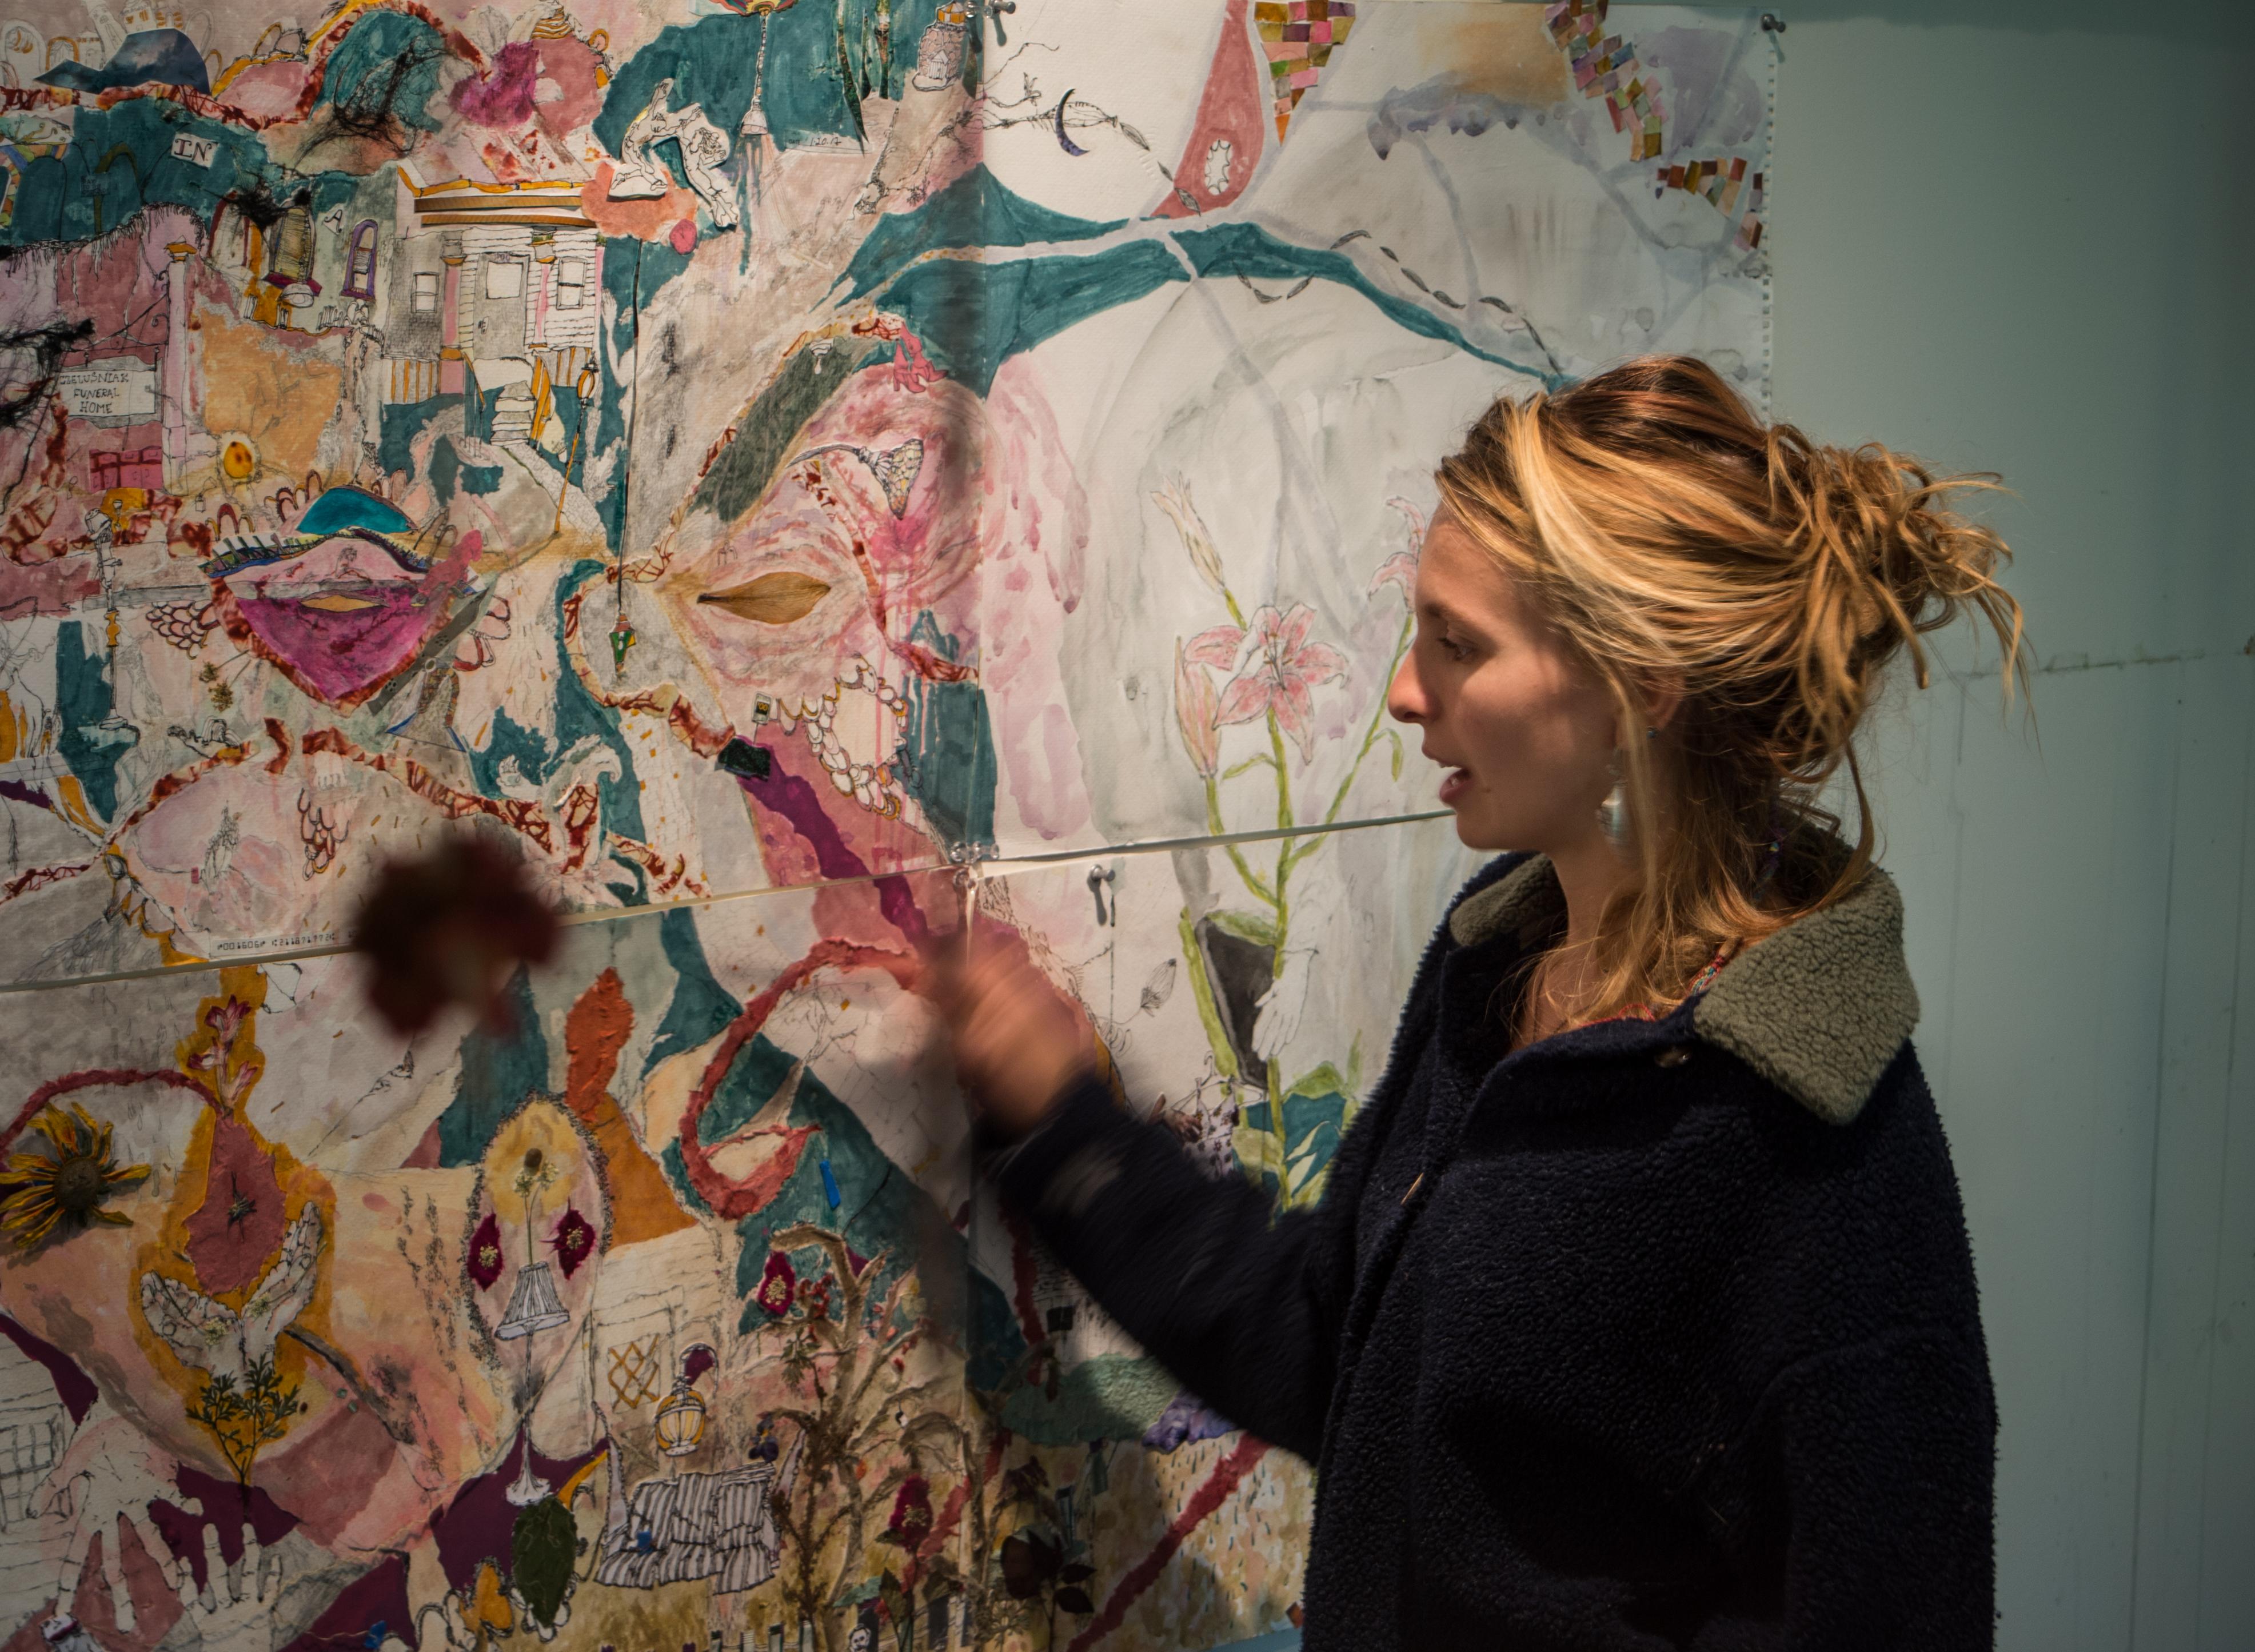 An Interview With Artist Jess Klier